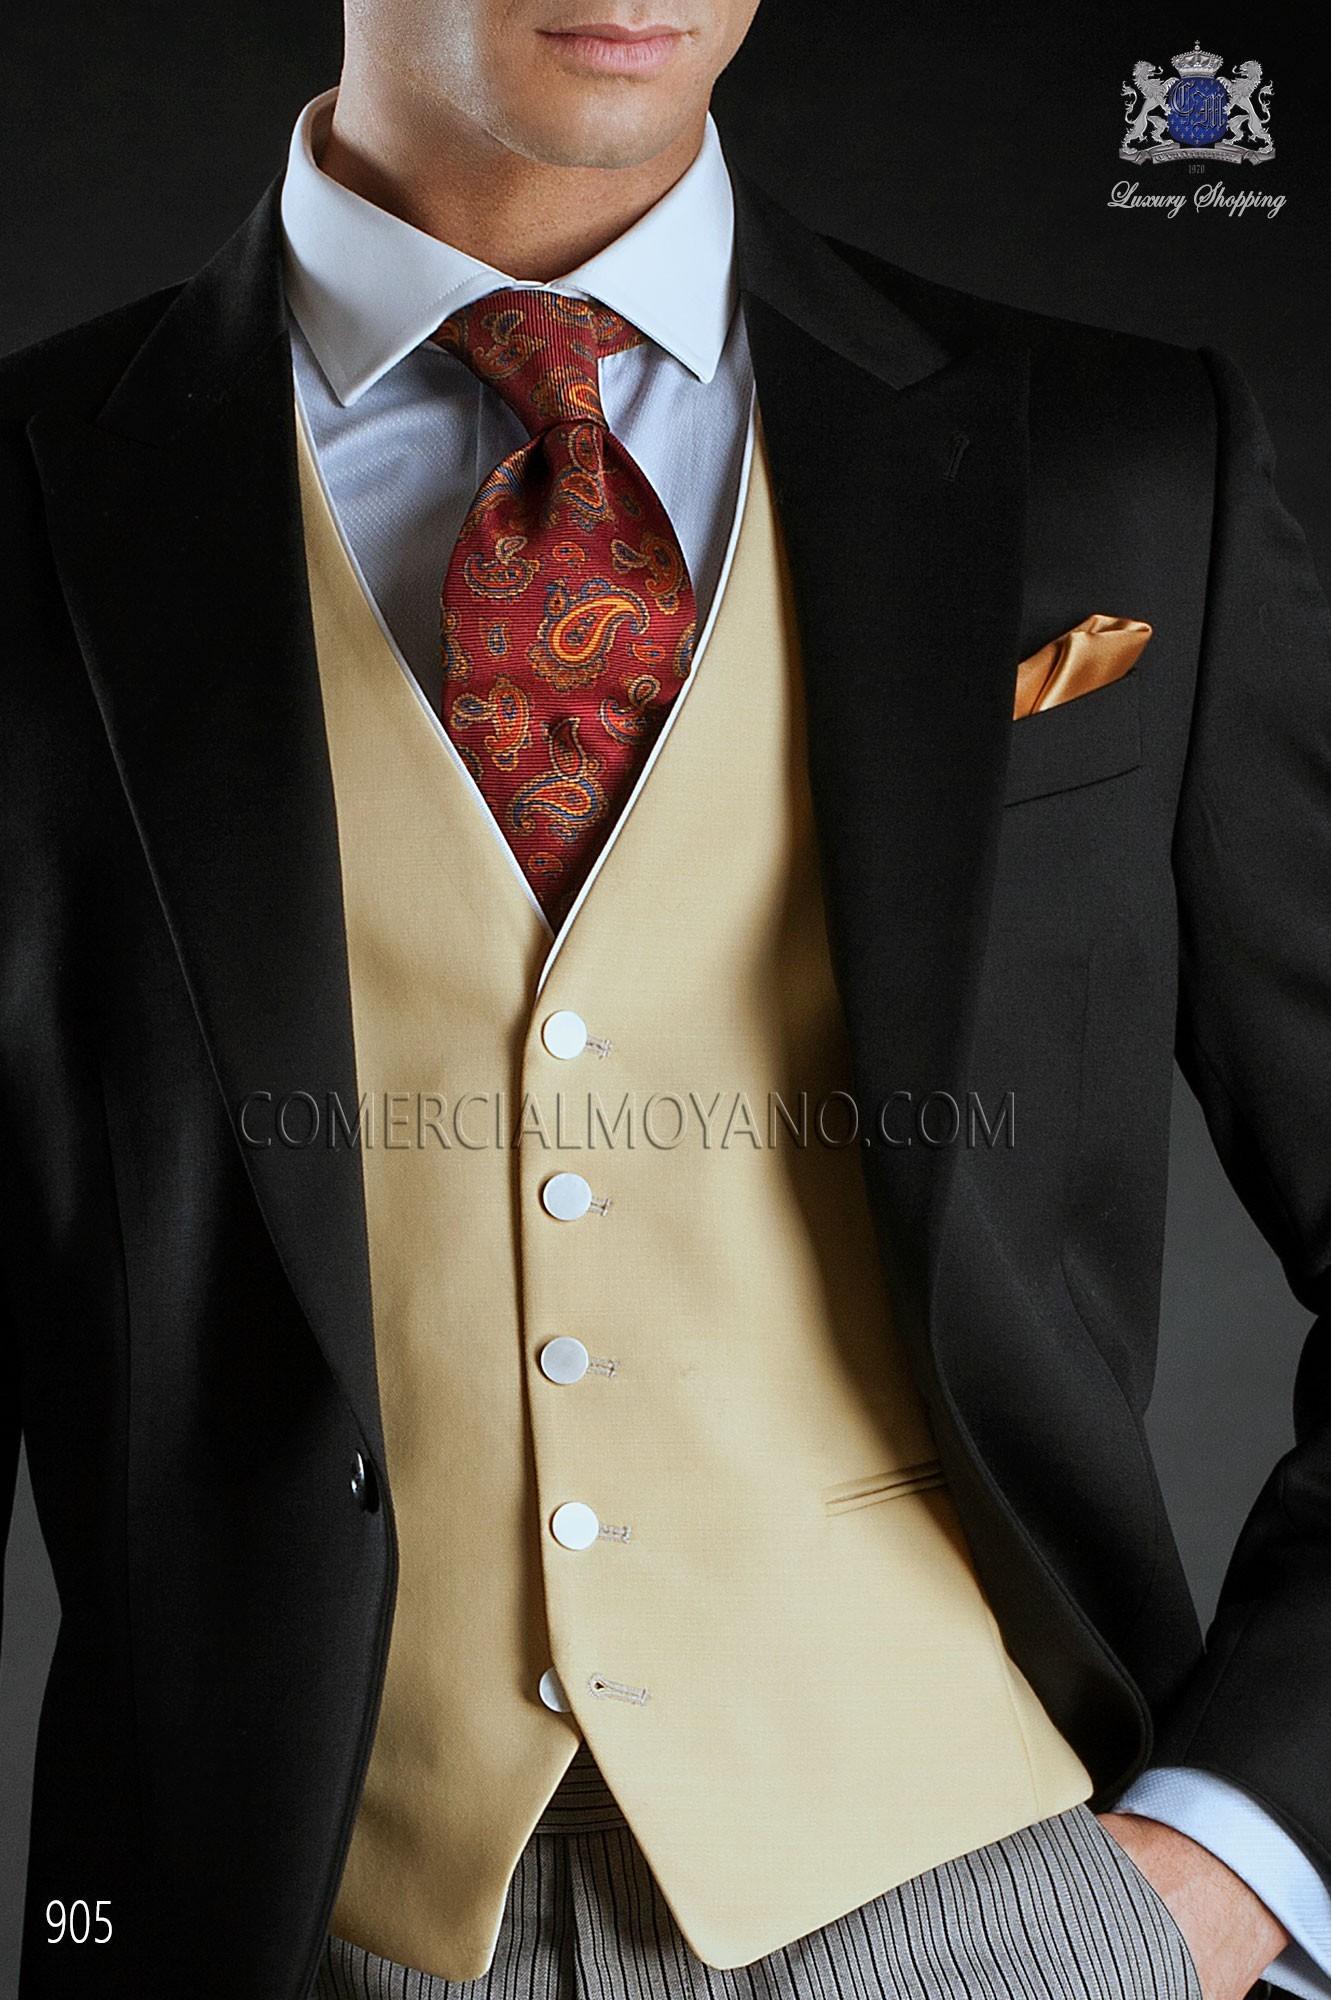 Traje Gentleman de novio negro modelo: 905 Ottavio Nuccio Gala colección Gentleman